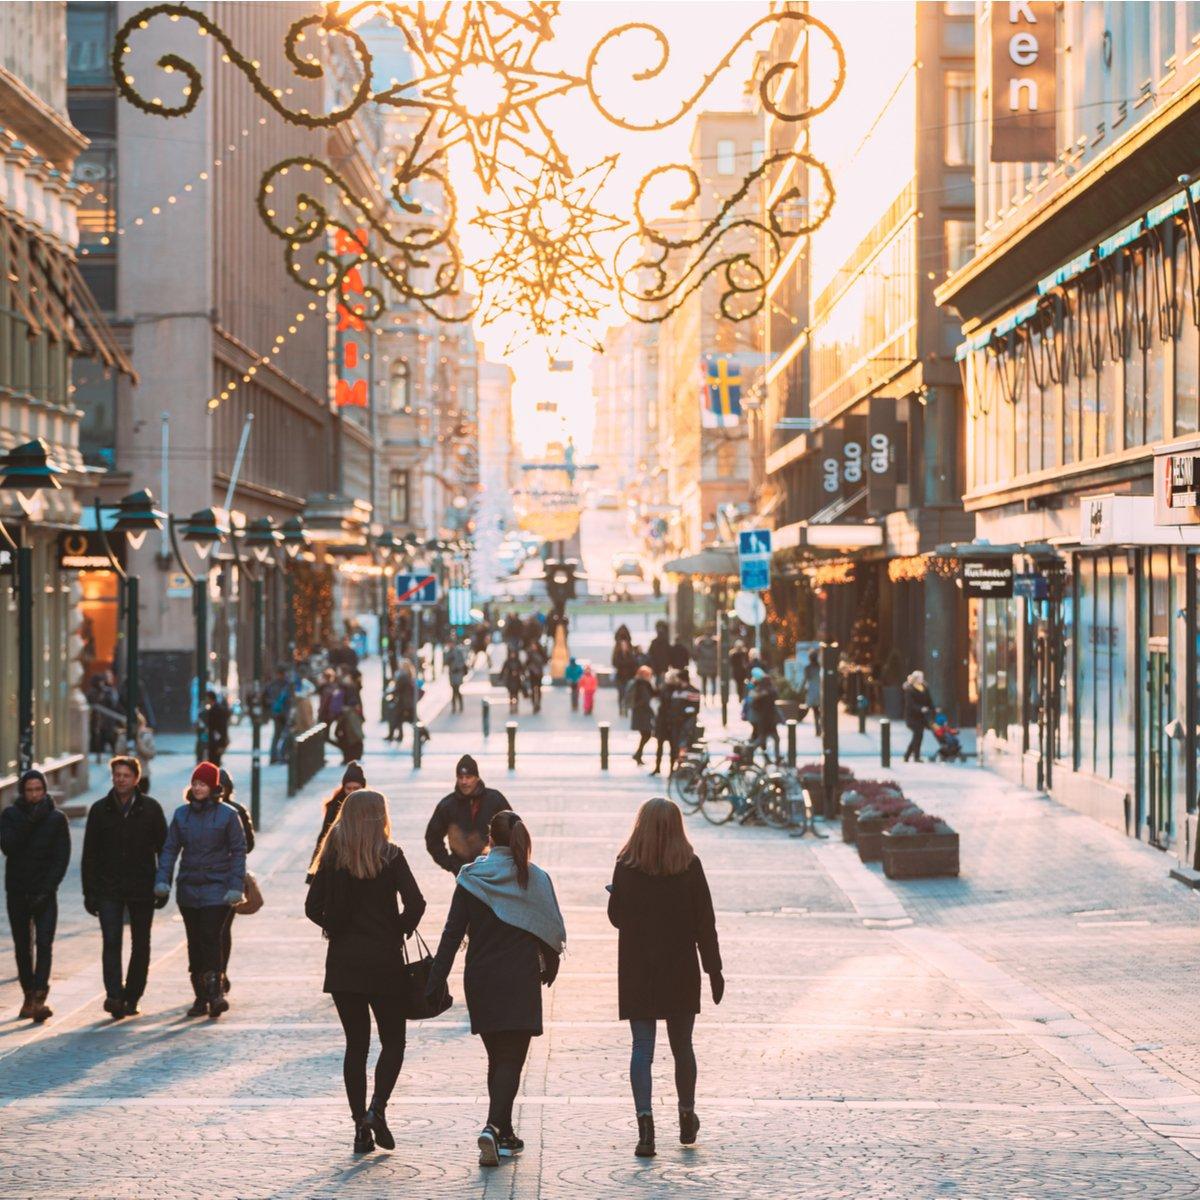 Kluuvikatu Street, Helsinki, Finland.